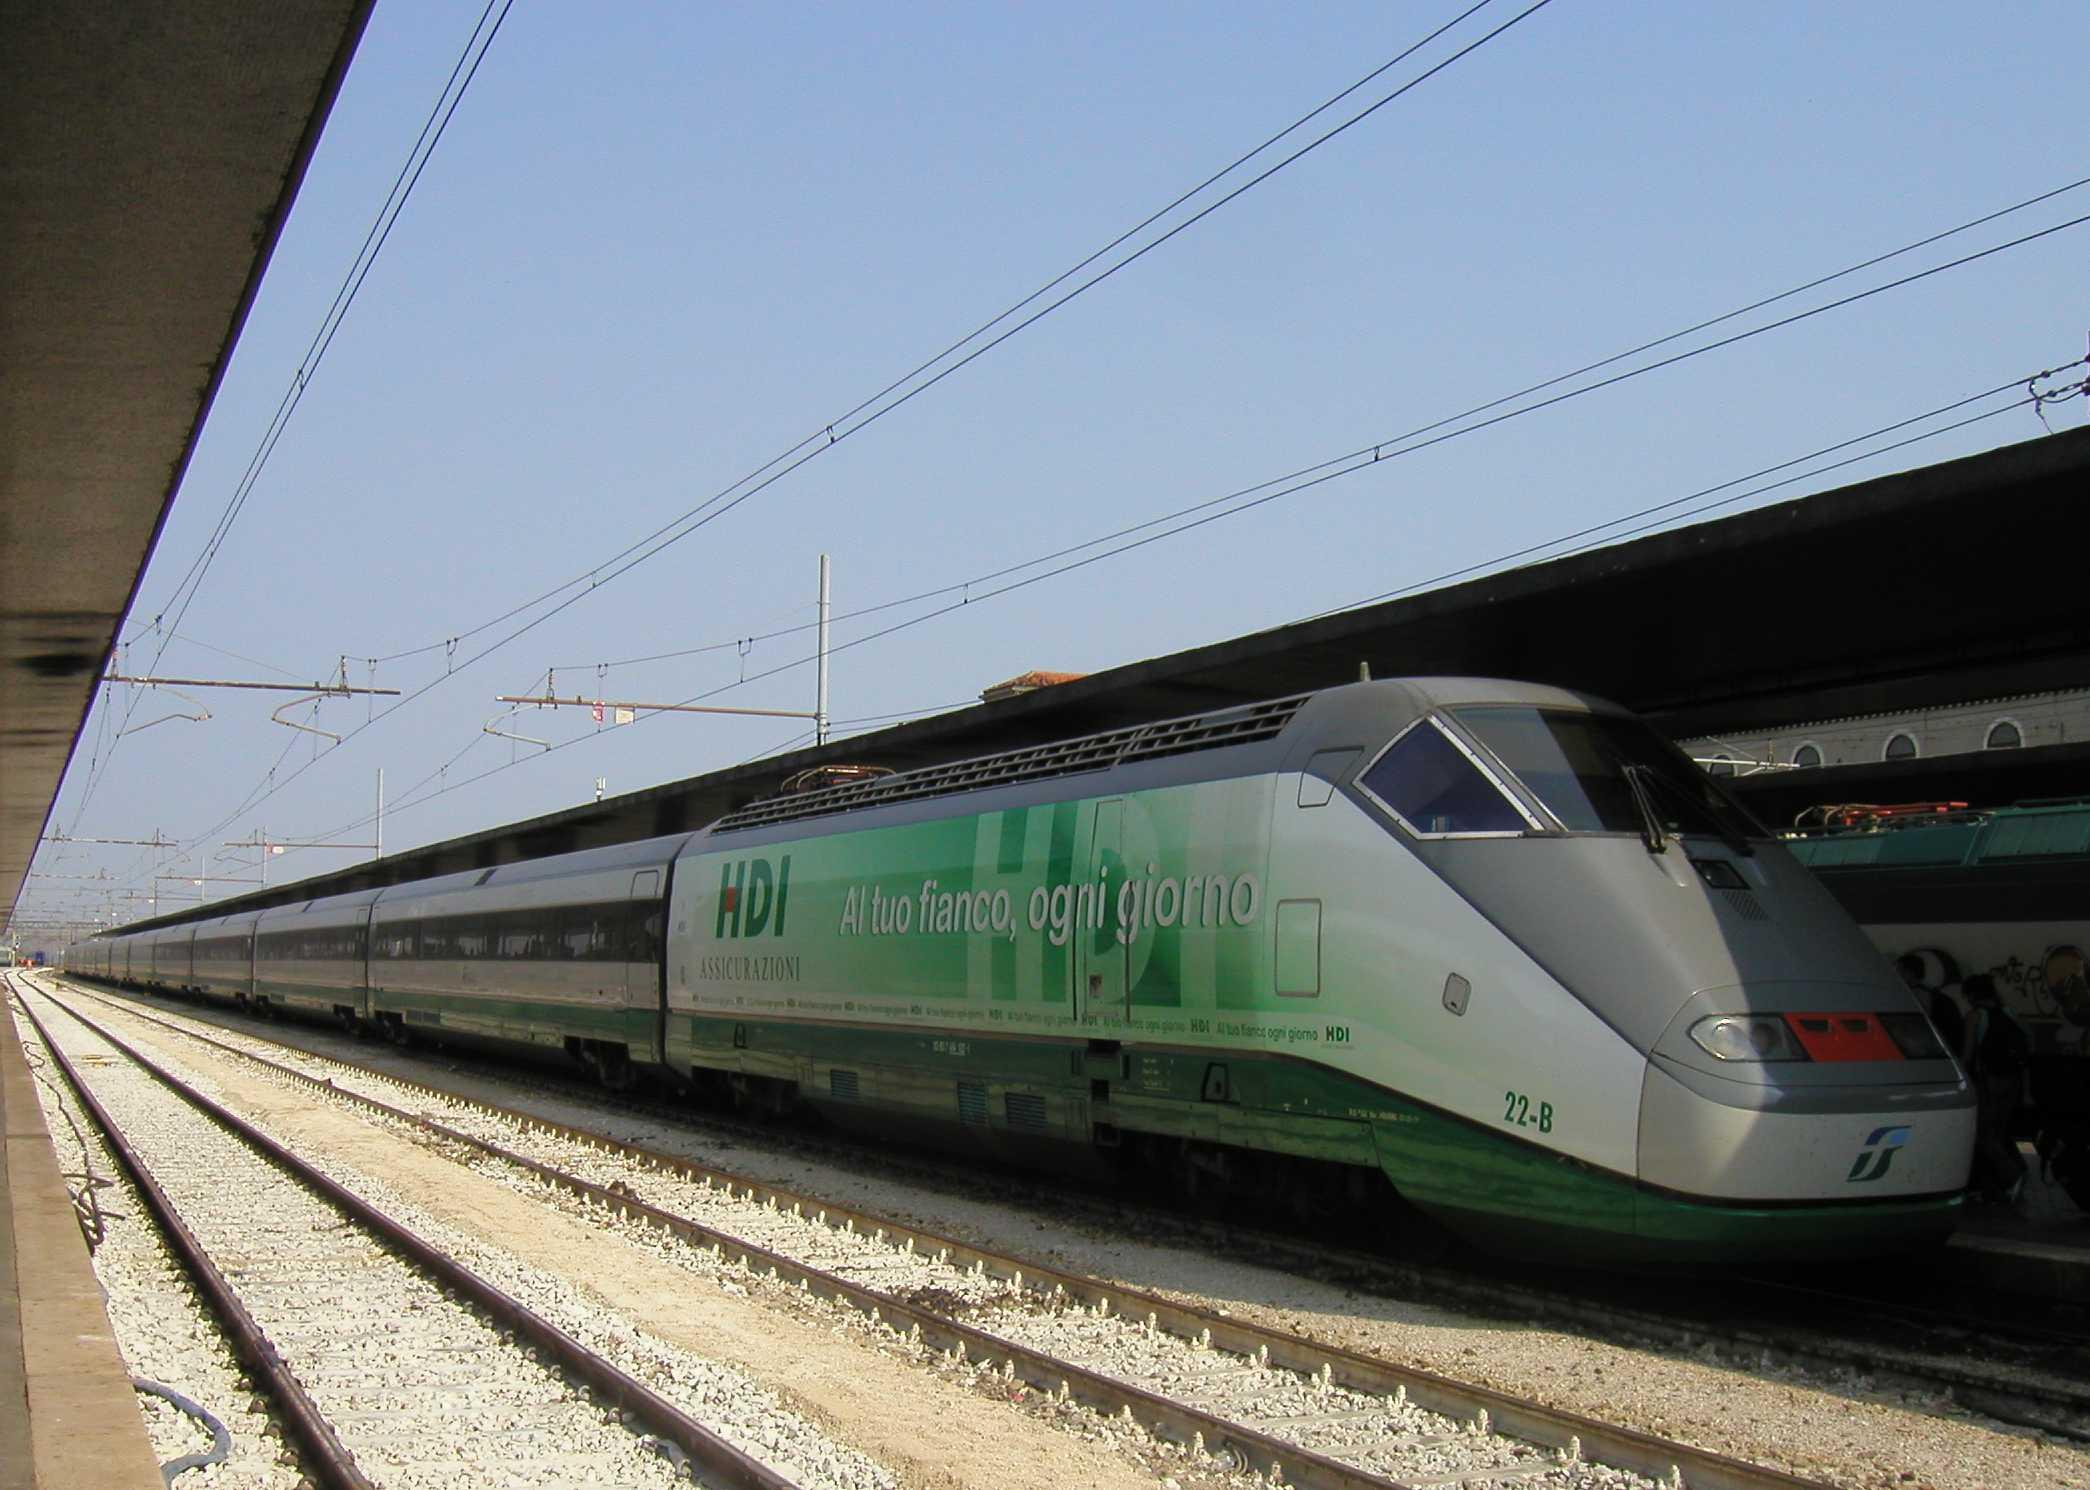 イタリア国鉄ETR450電車 - FS Class ETR 450Forgot Password